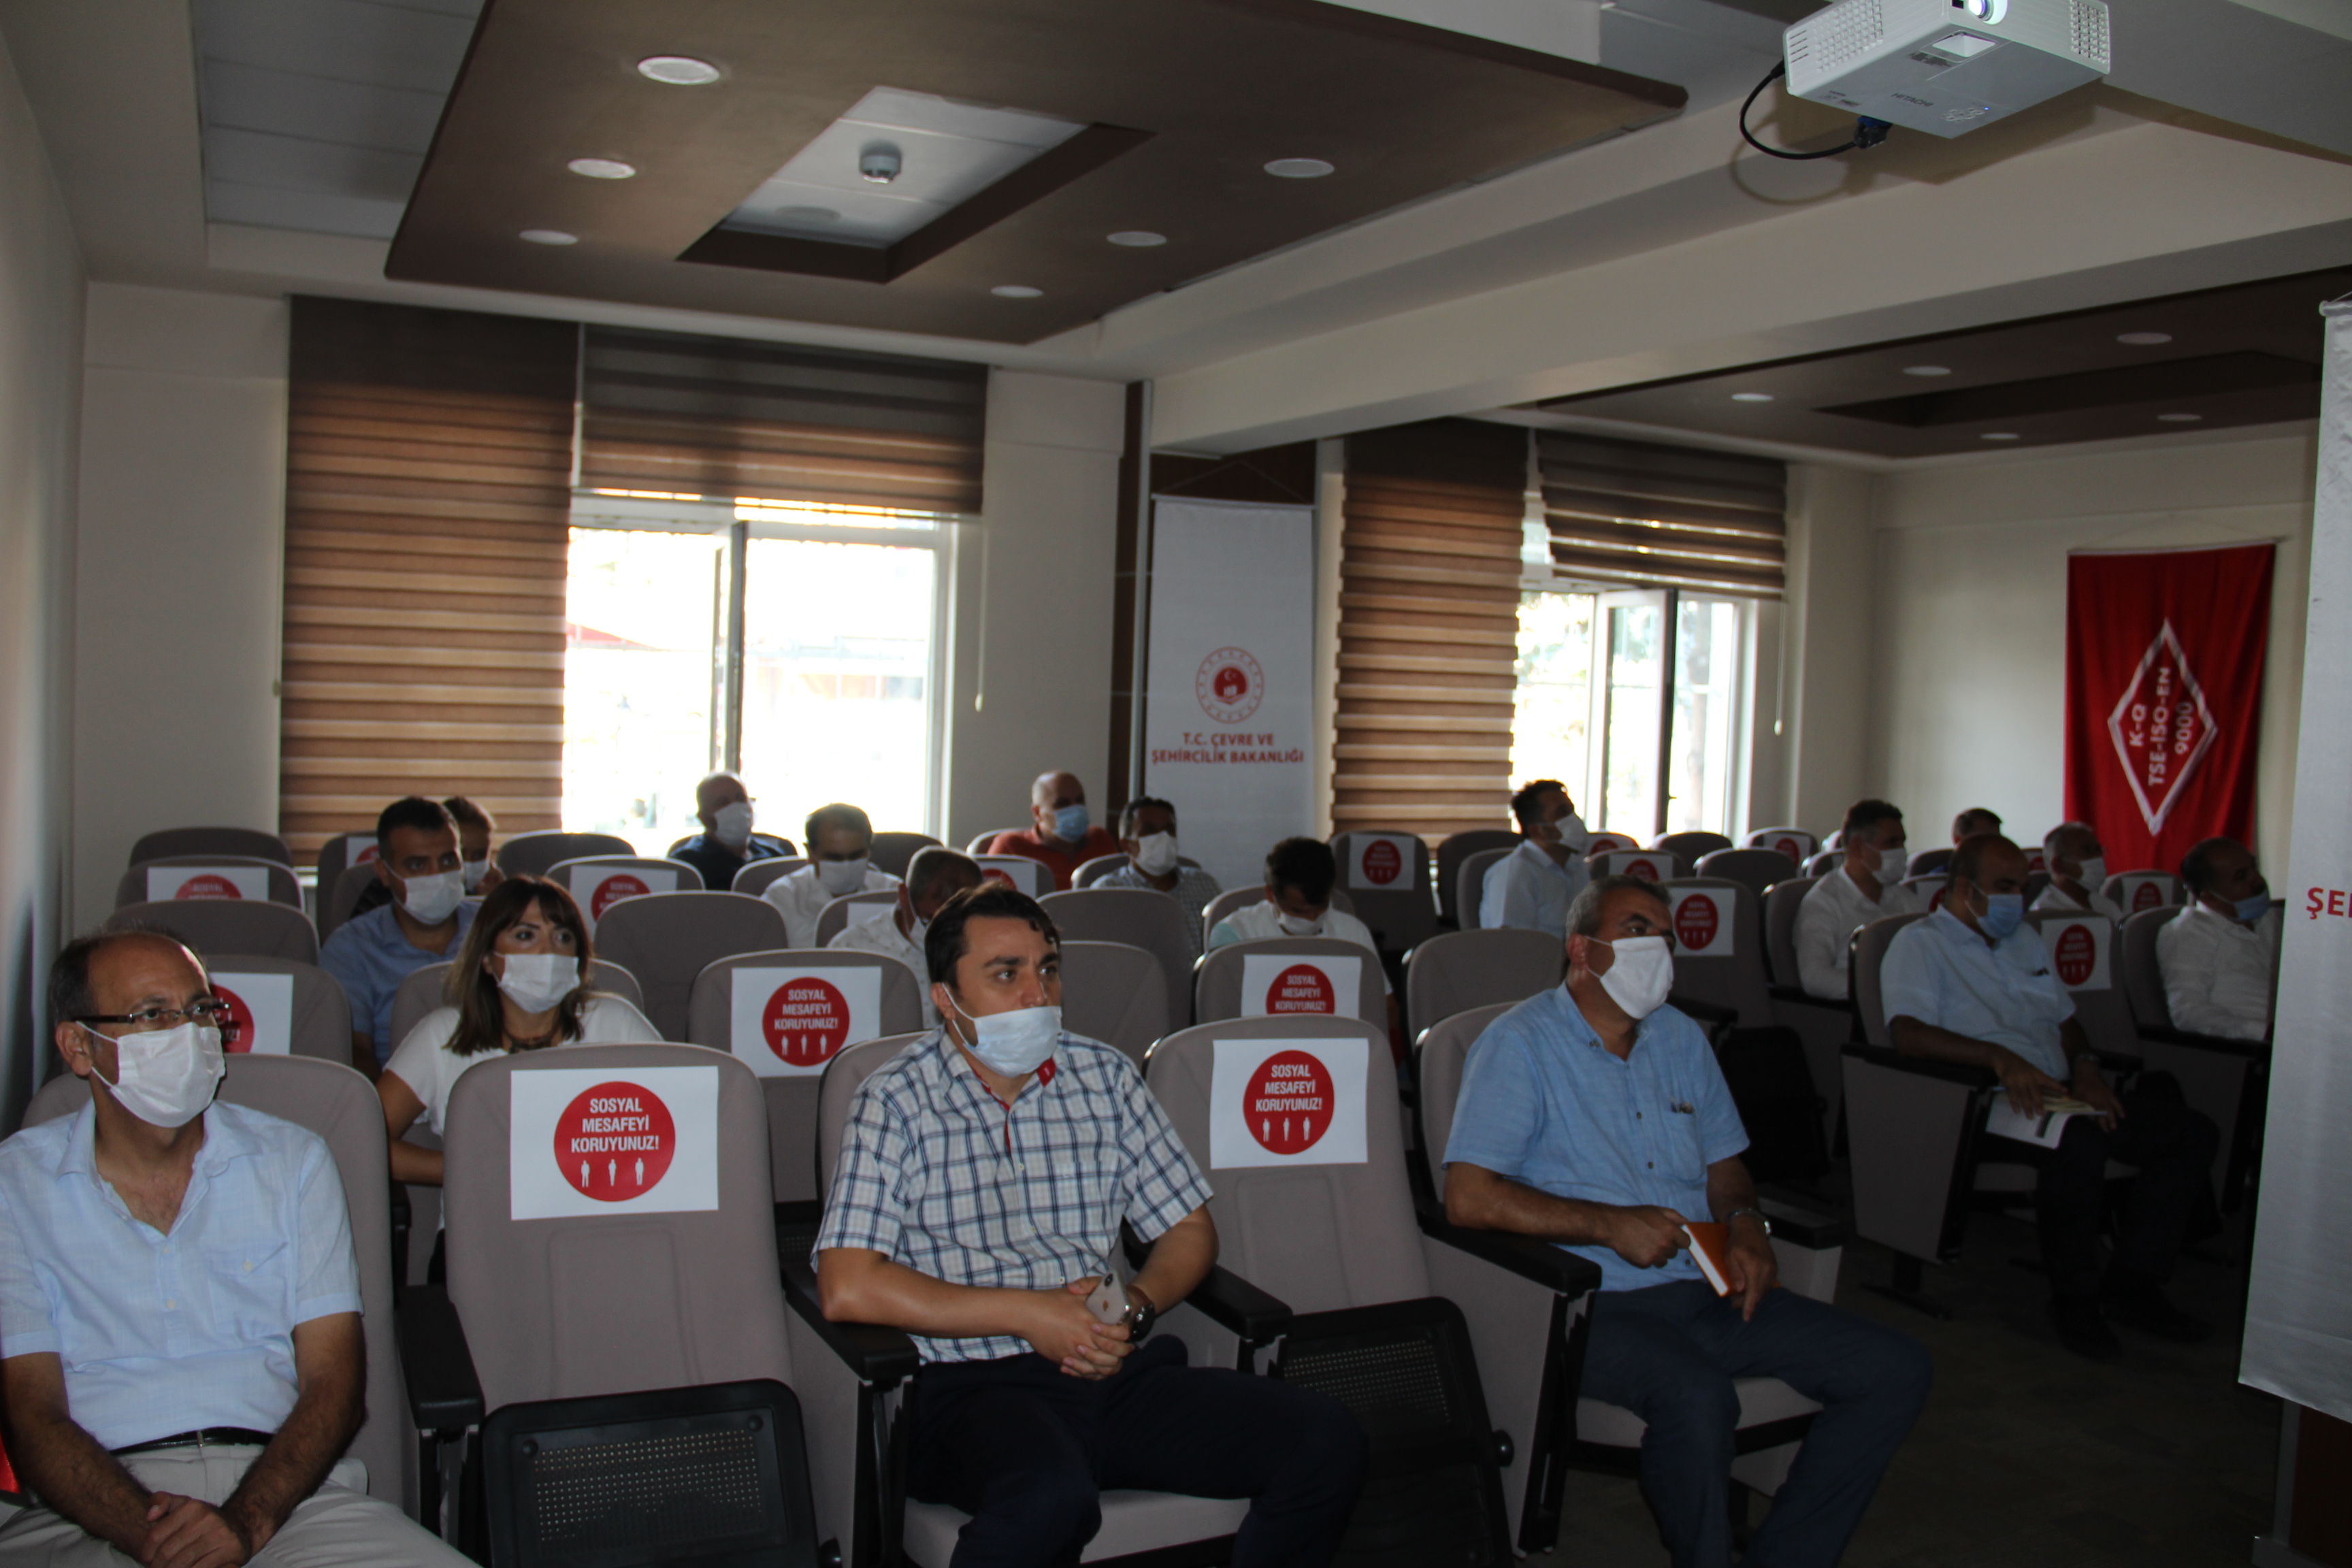 Türkiye Afet Müdahale Planı (TAMP) Destek Çözüm Ortakları Toplantısı